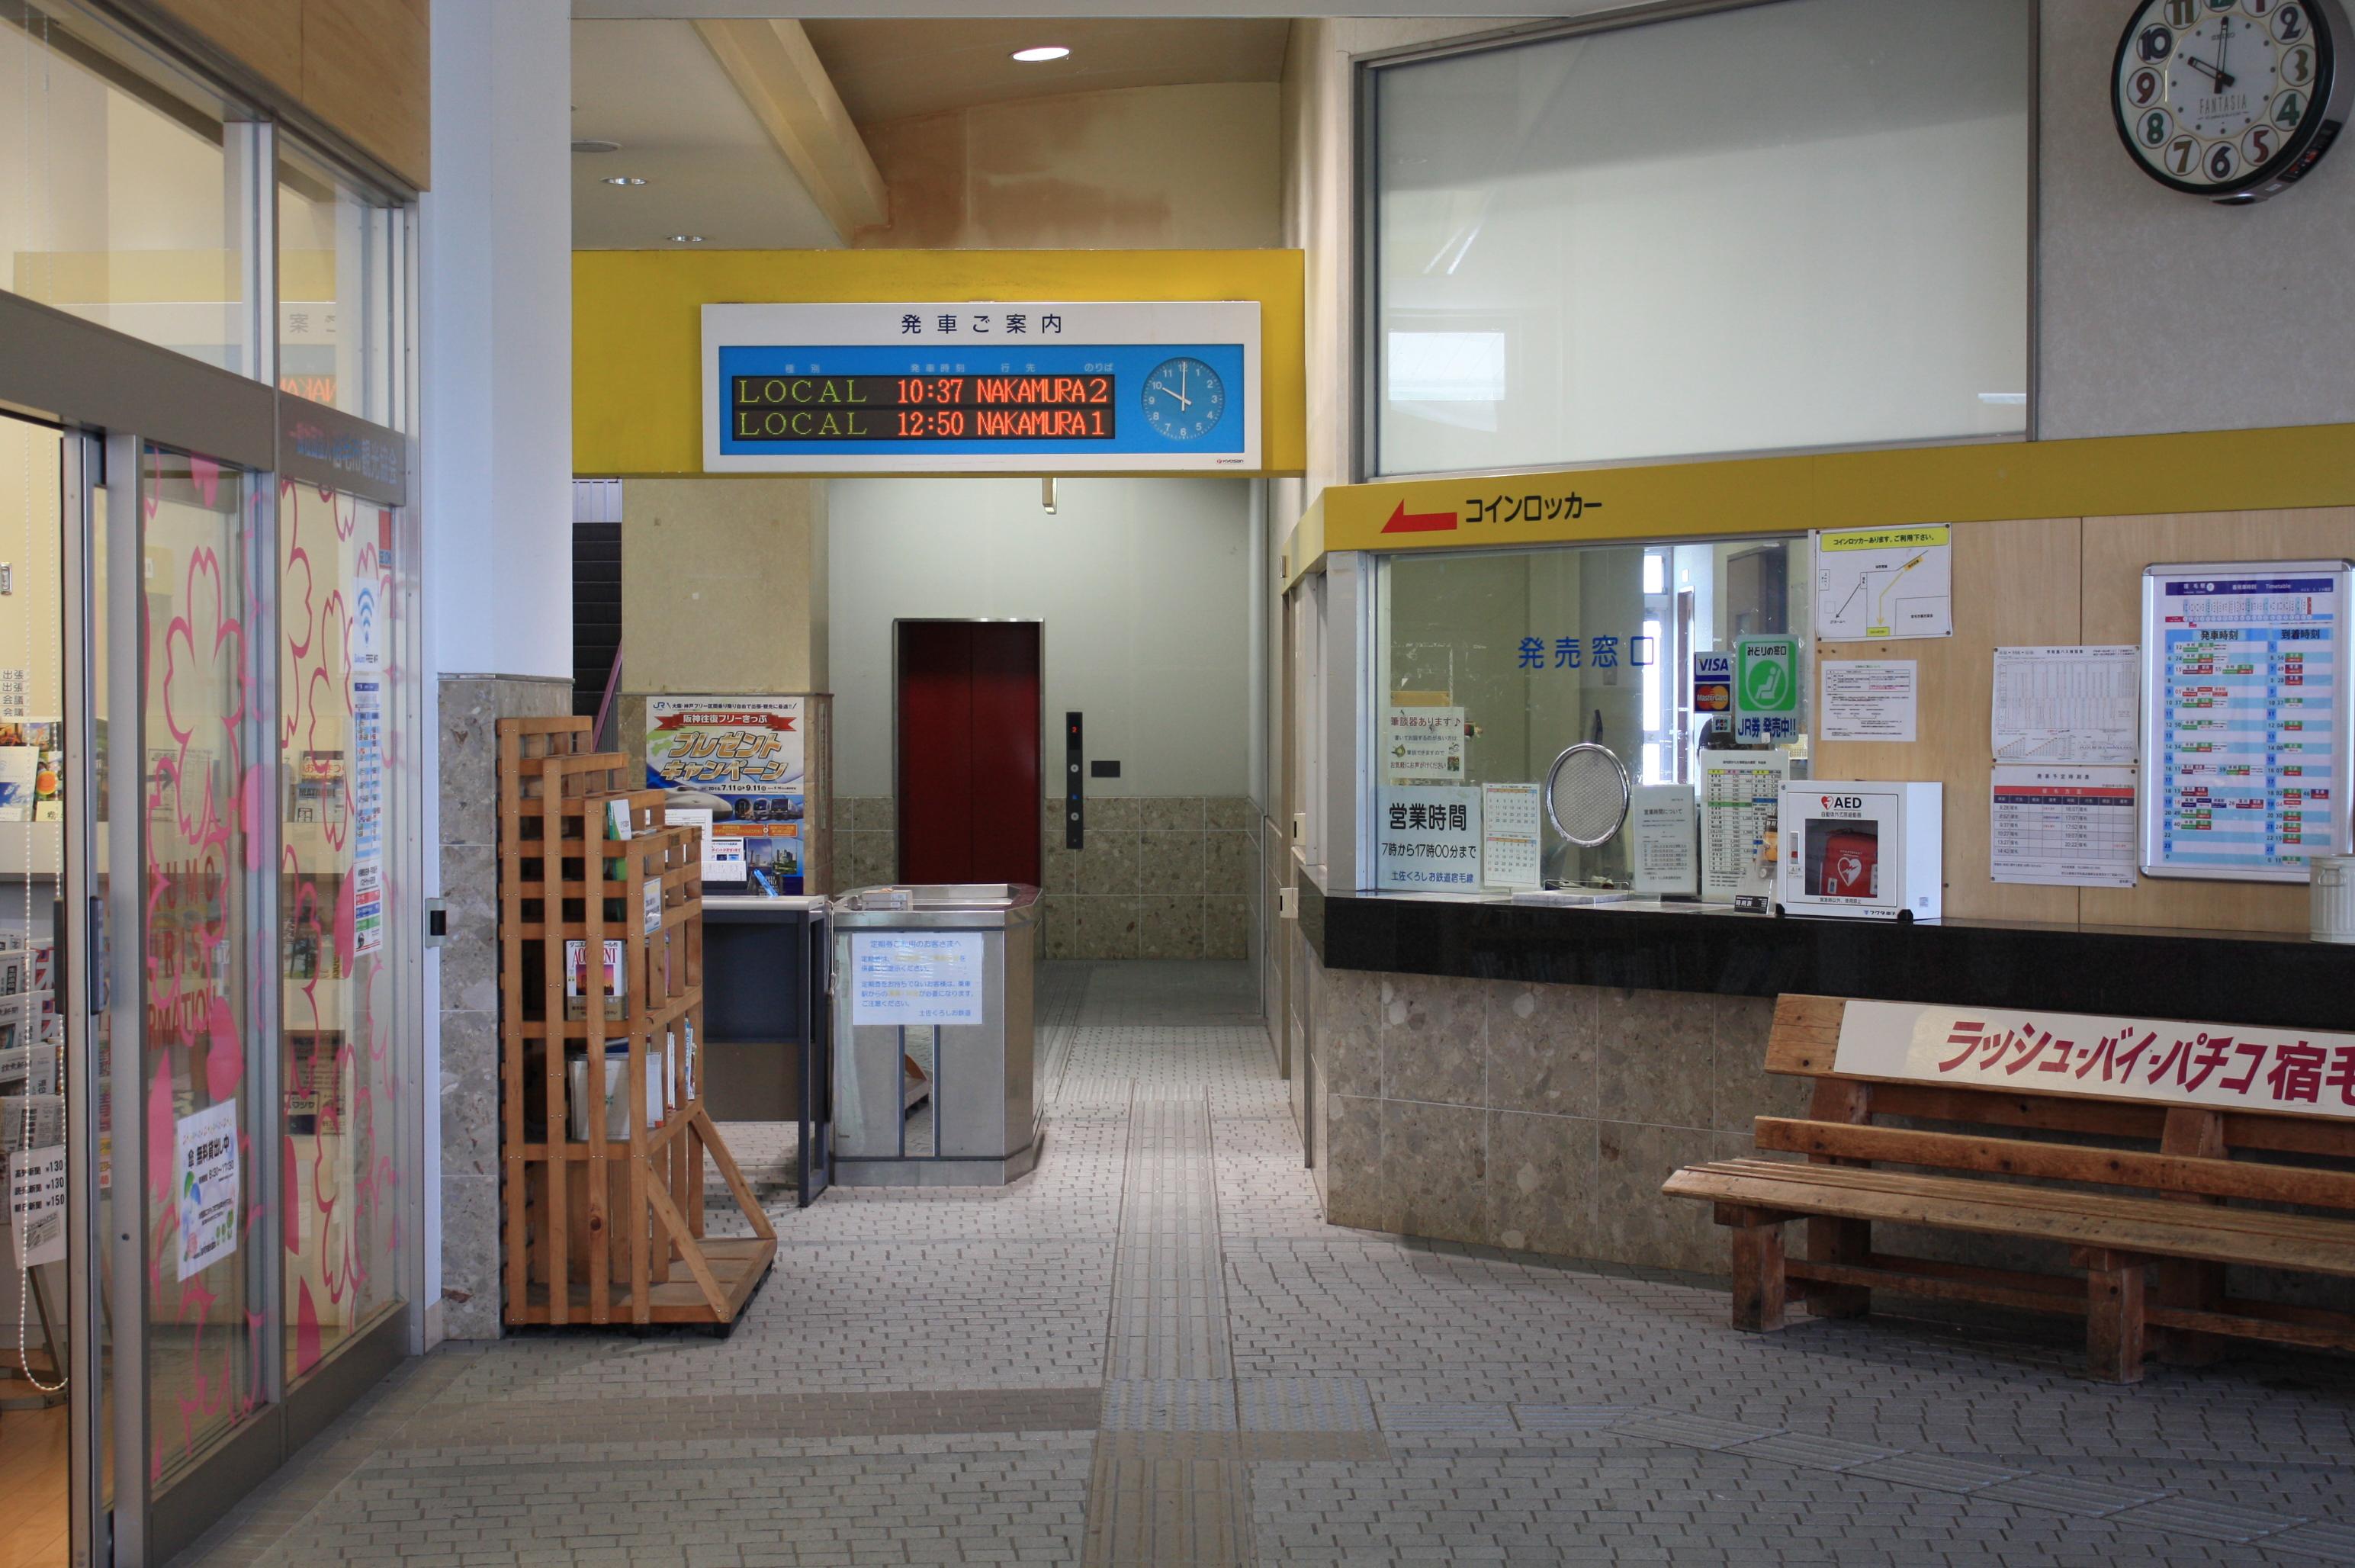 みどりの窓口で、全国のJR特急・新幹線の指定席券などを発券します